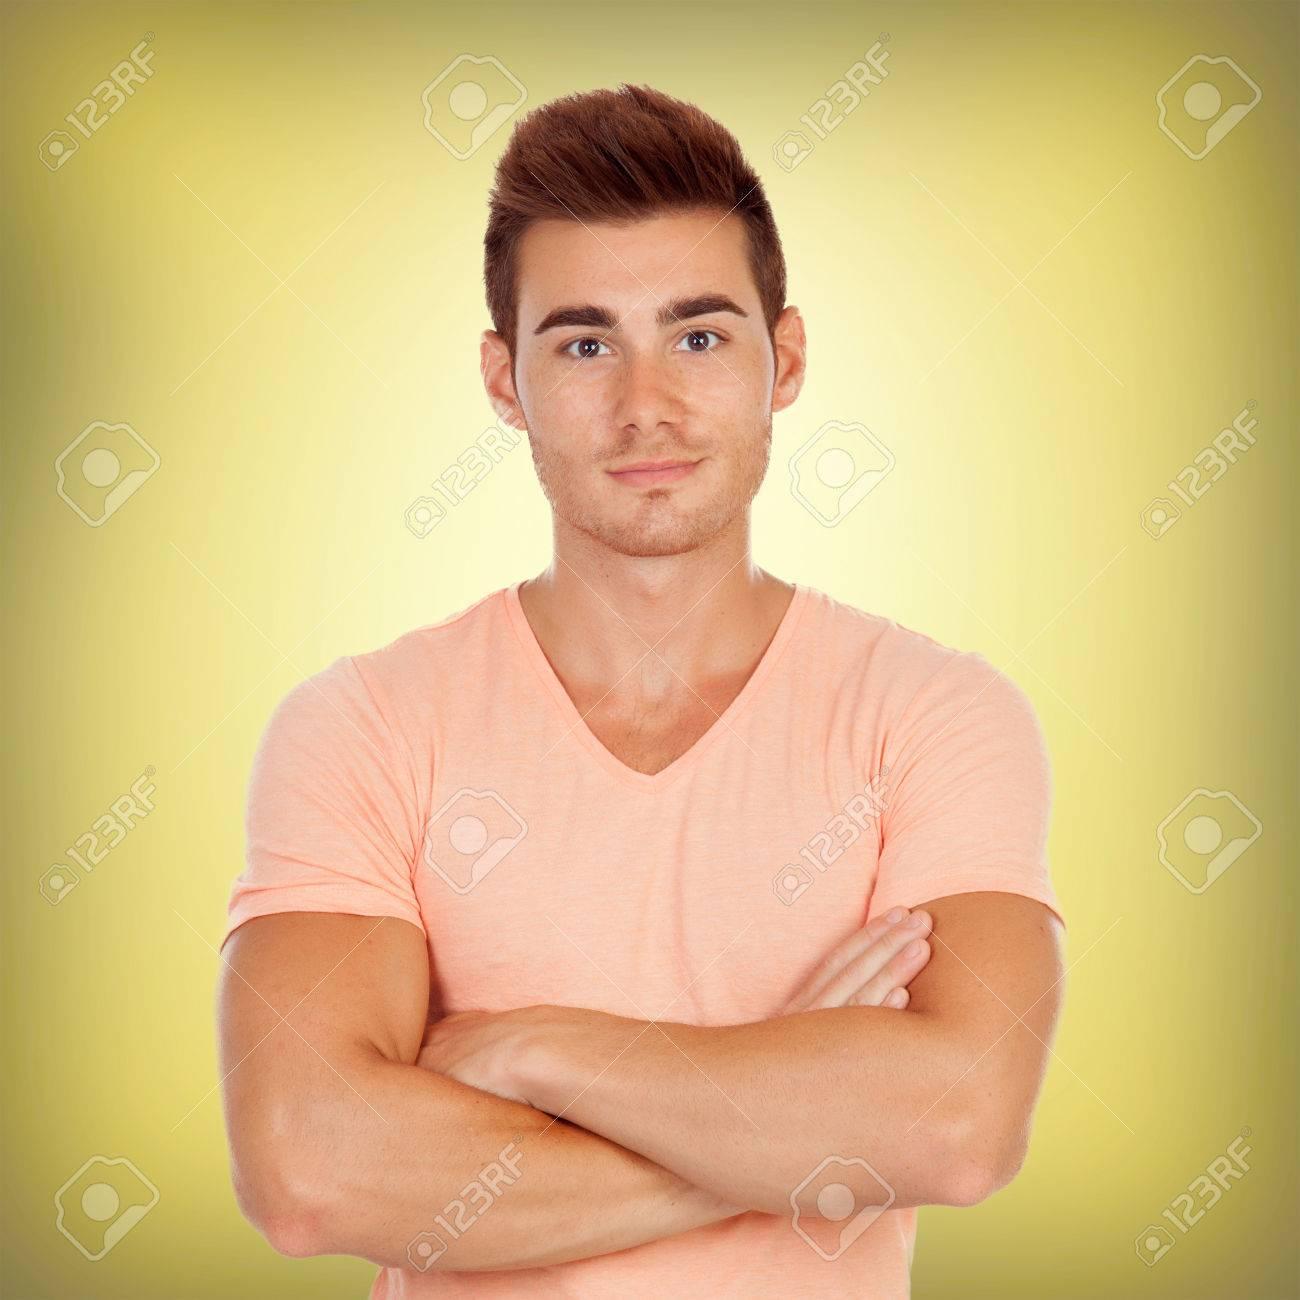 Casual Schöne Männer Auf Einem Gelben Hintergrund Lizenzfreie Fotos